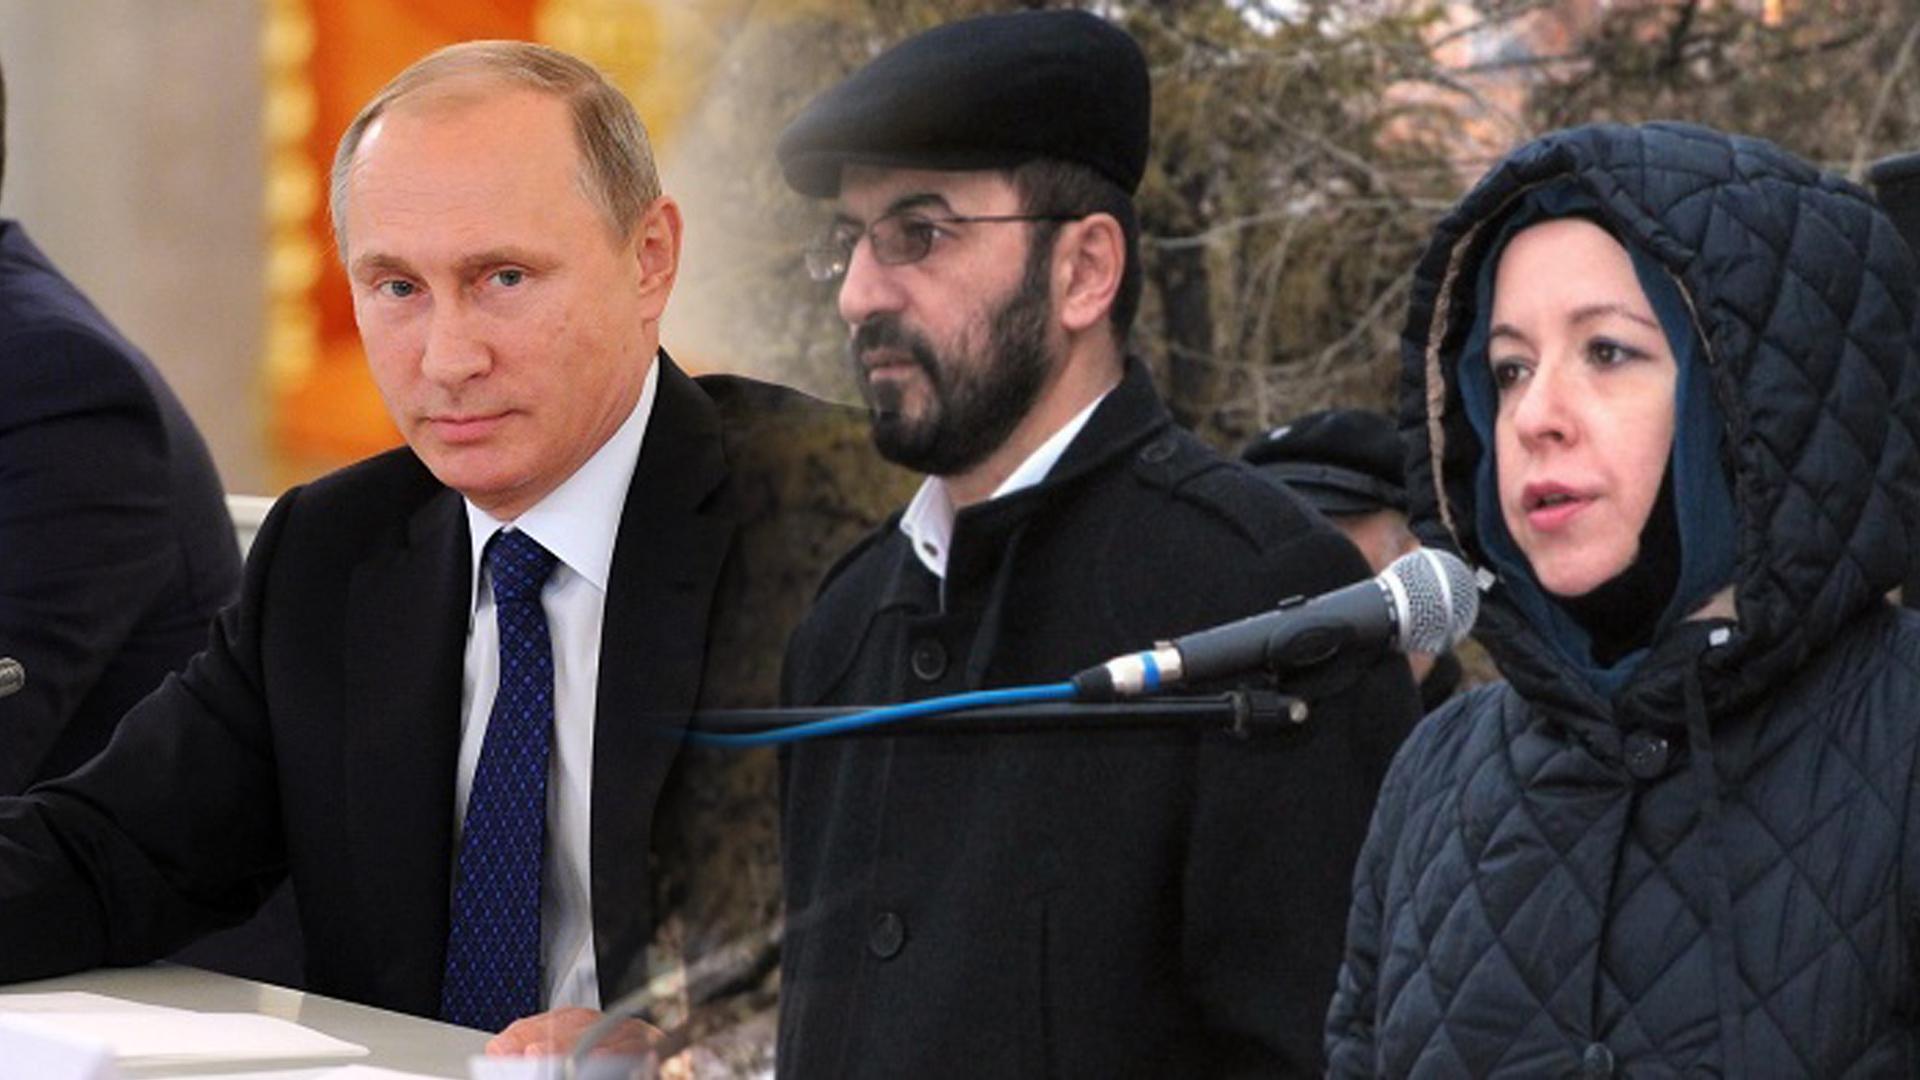 Sahar TV | В Москве прошел митинг в поддержку российской политики в Сирии |